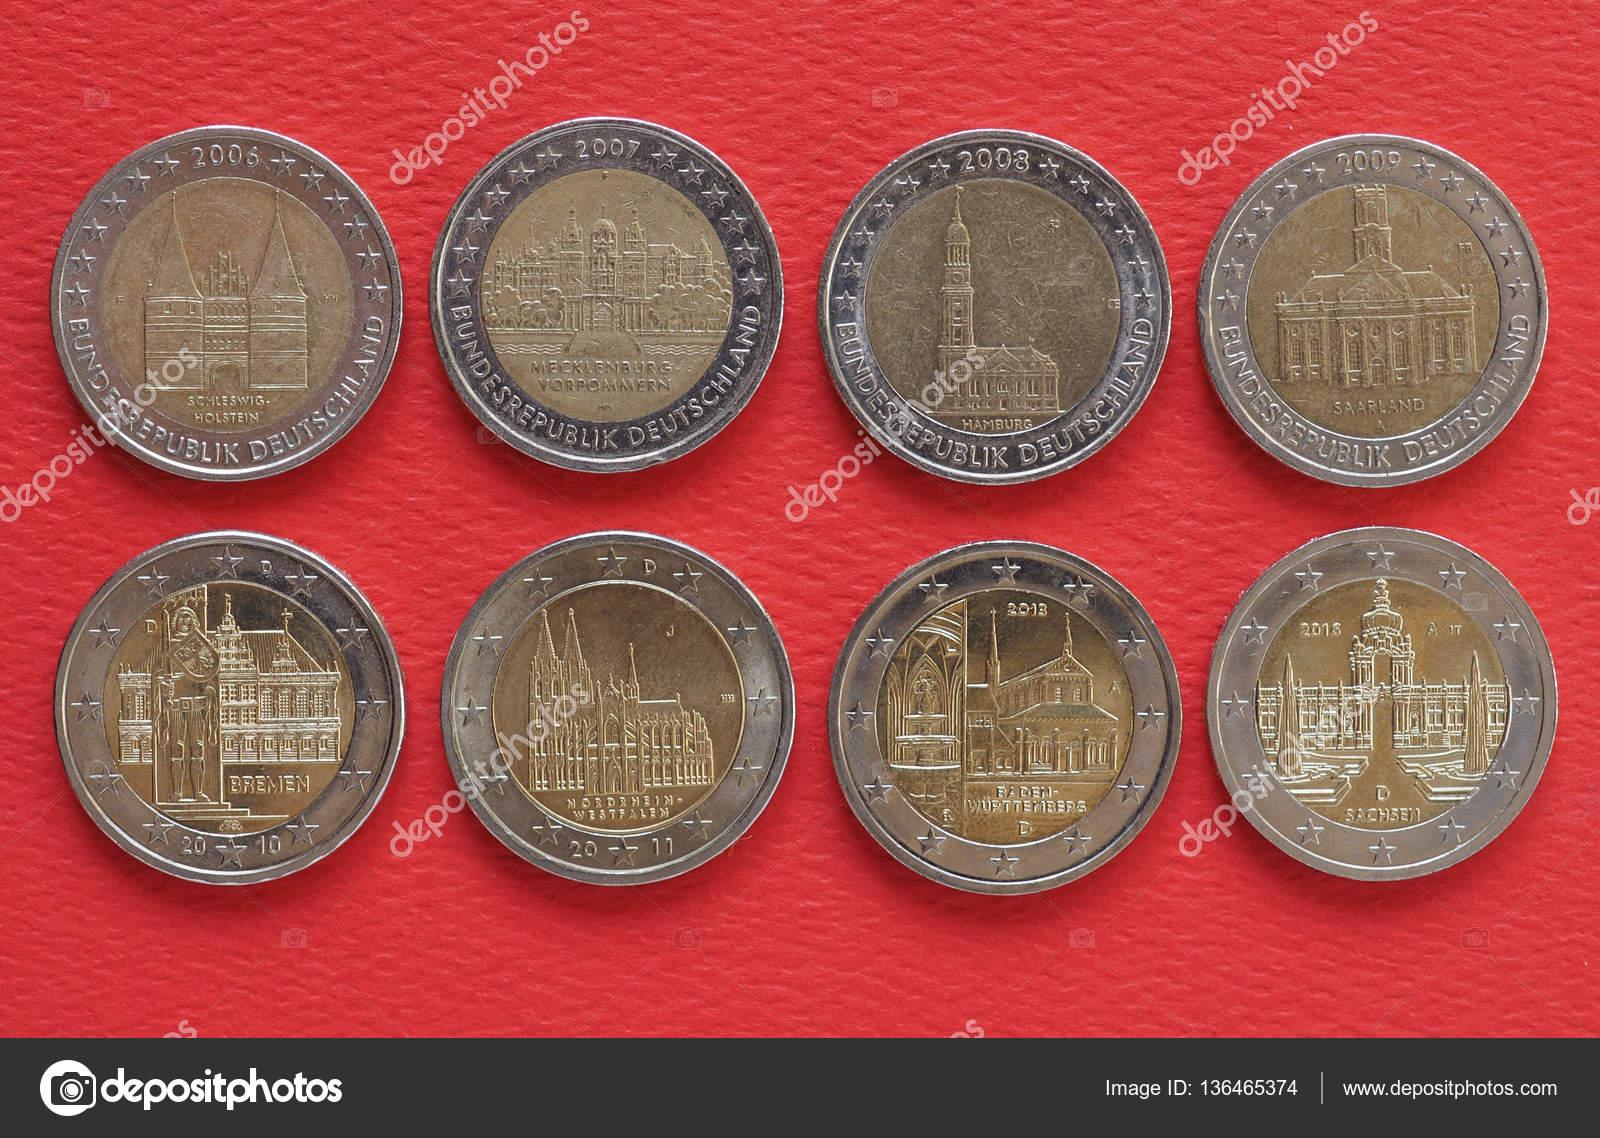 2 ユーロ硬貨、欧州連合、ドイツ...